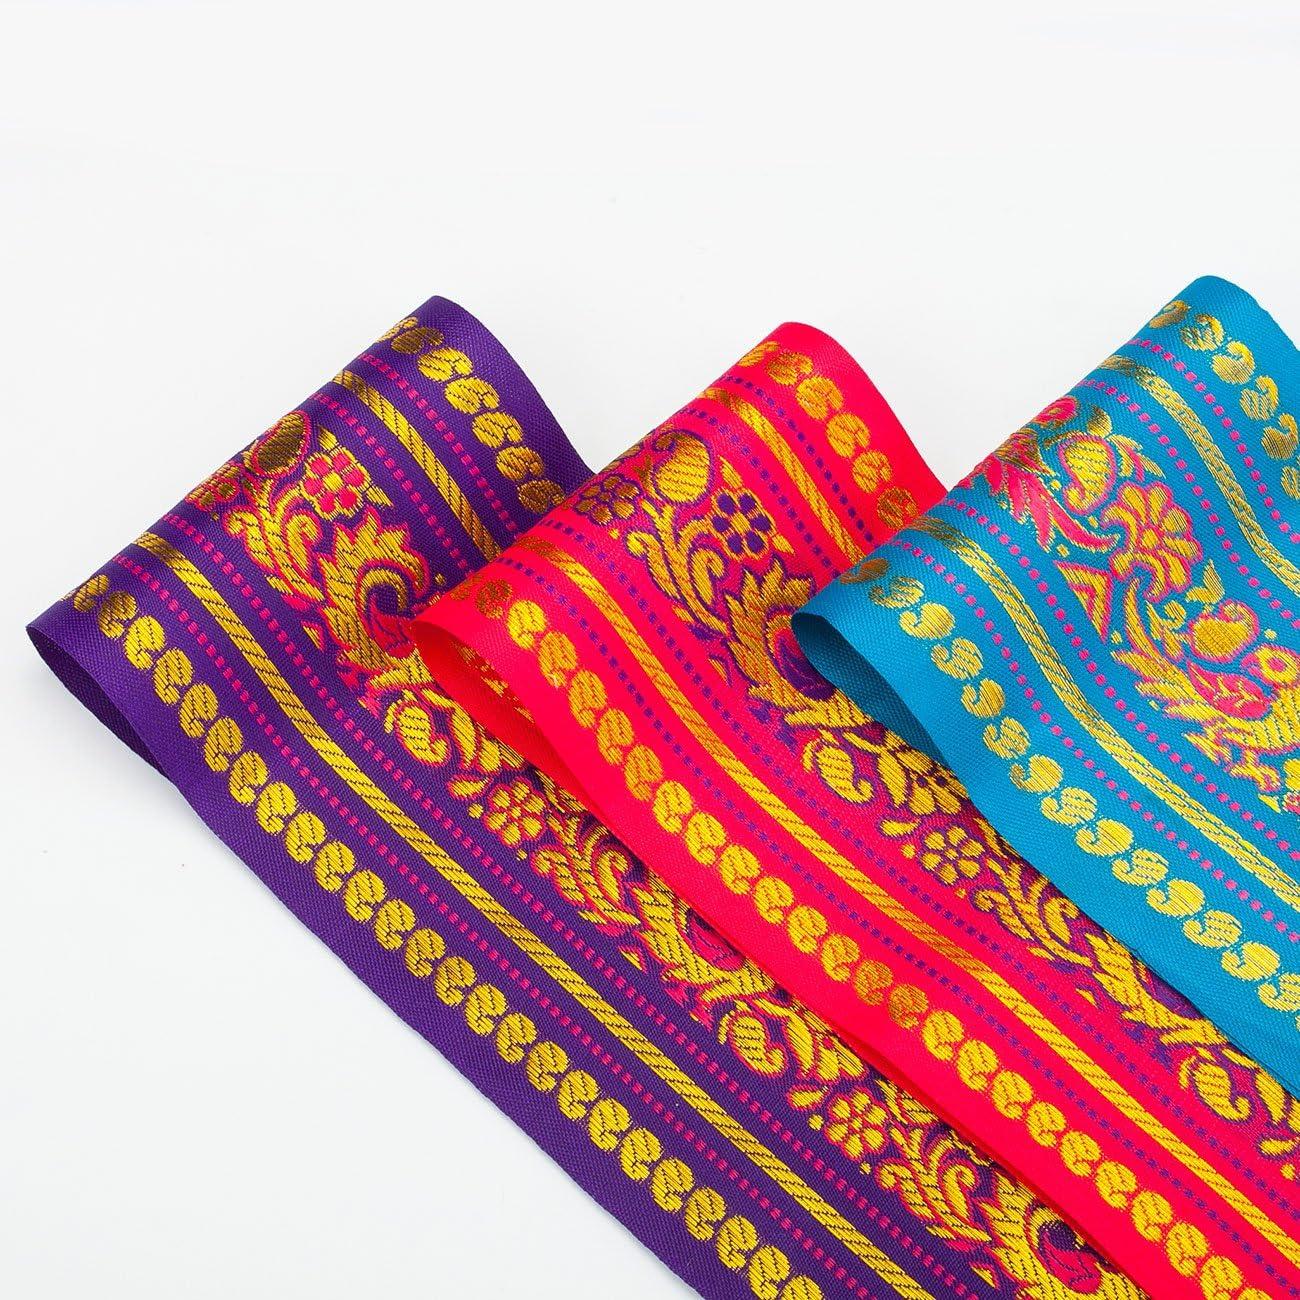 Neotrims Sari Indiano Salwar Kameez Decorativo Metallico Nastro Orlo Bordo